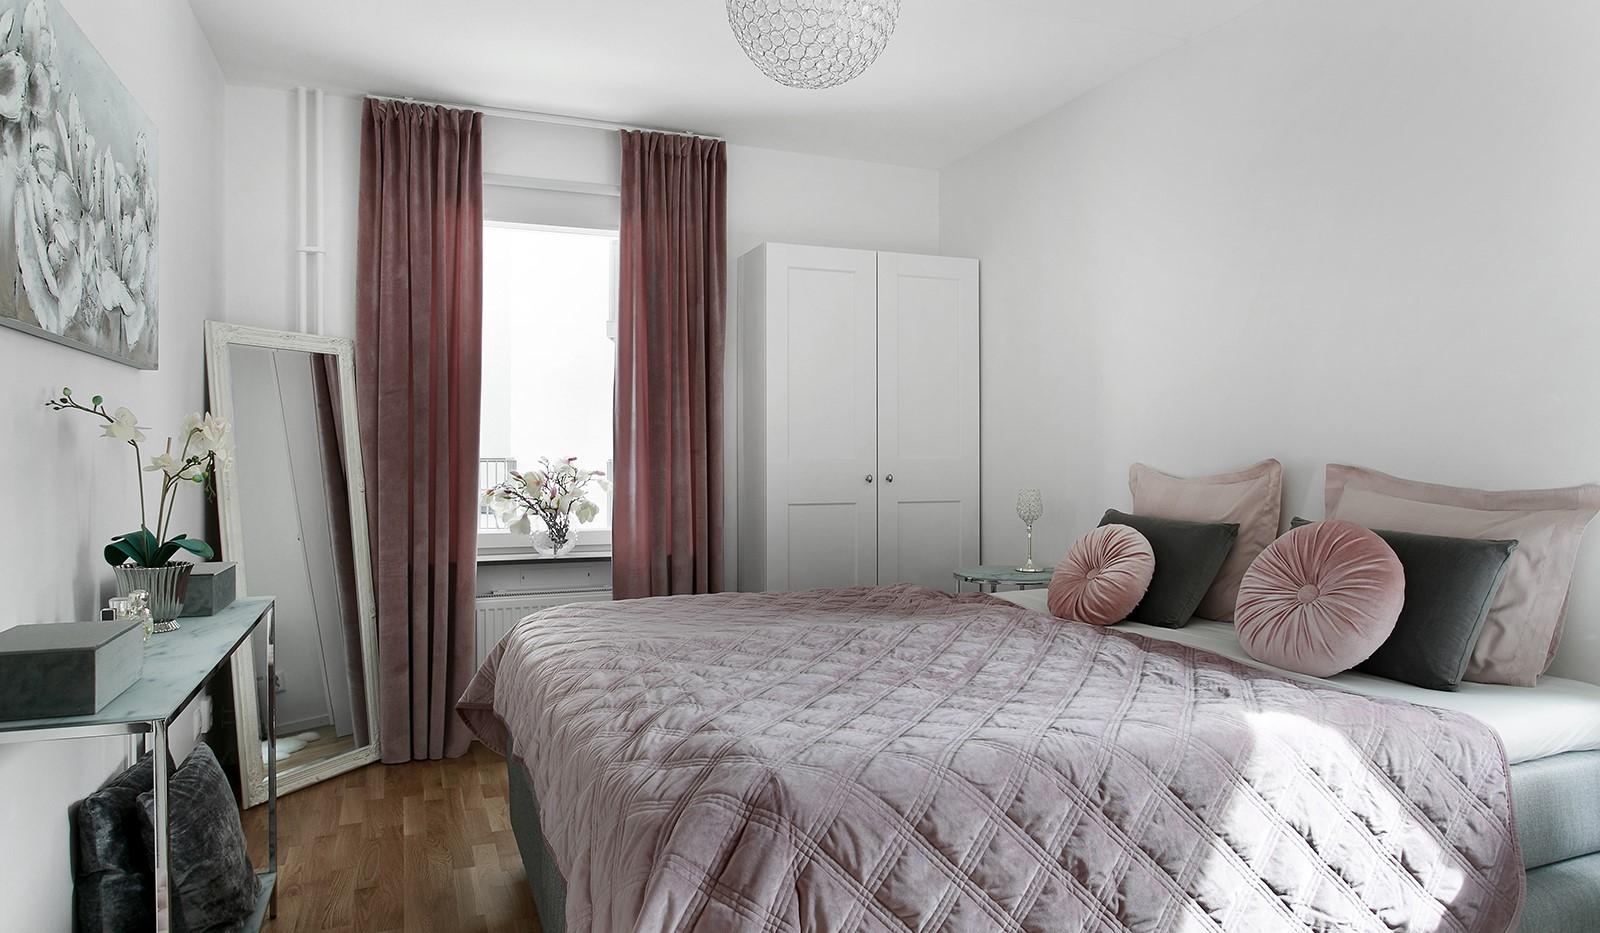 Oskarslundsbacken 13, 2tr - Rymligt sovrum med plats för dubbelsäng